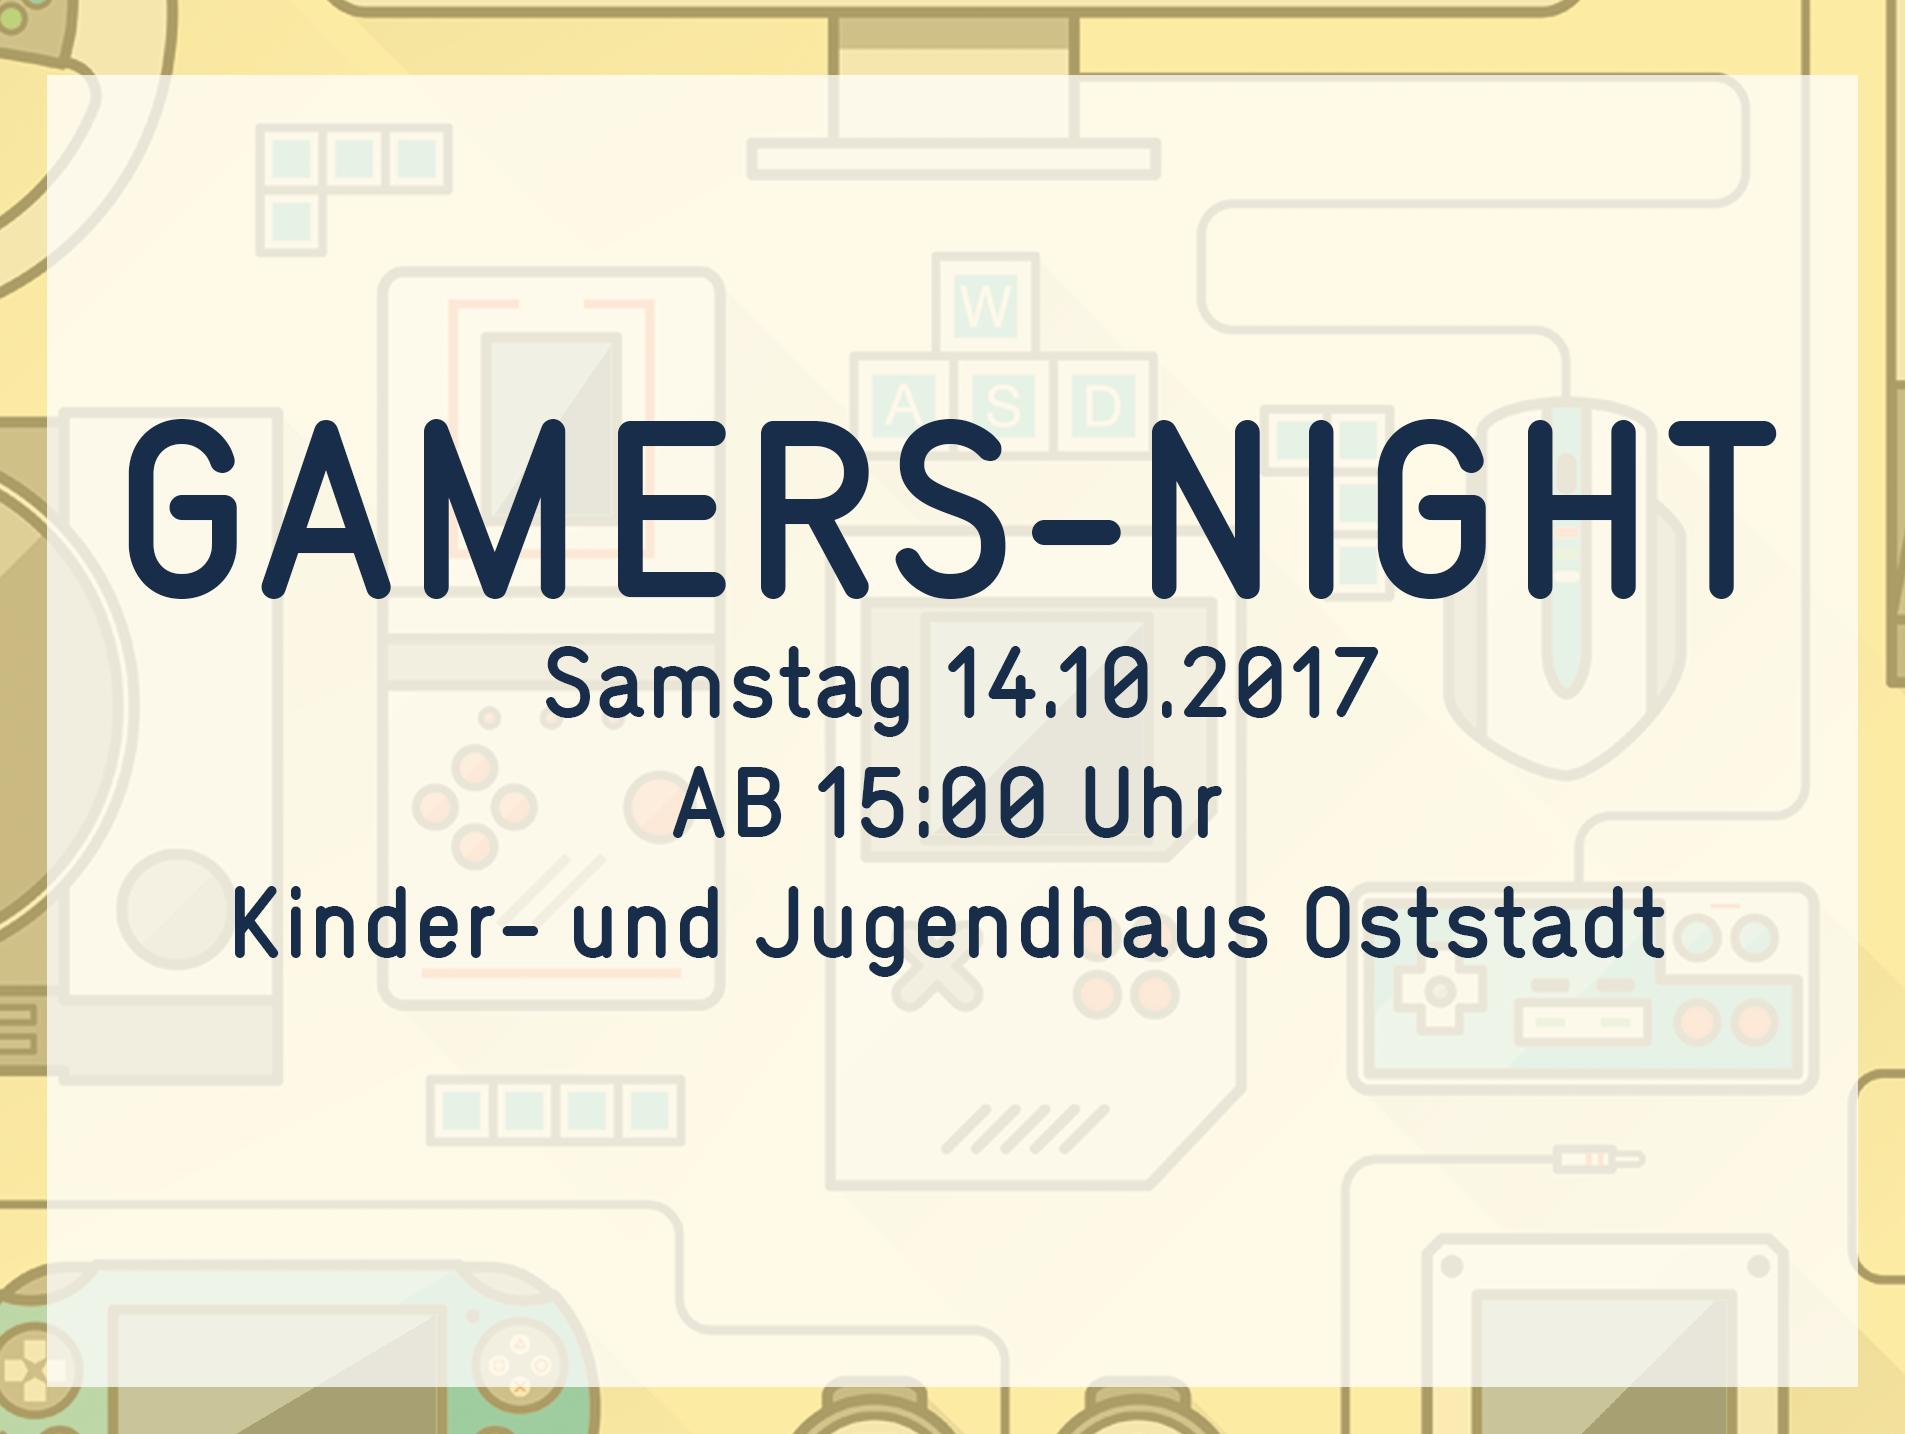 Gamers-night